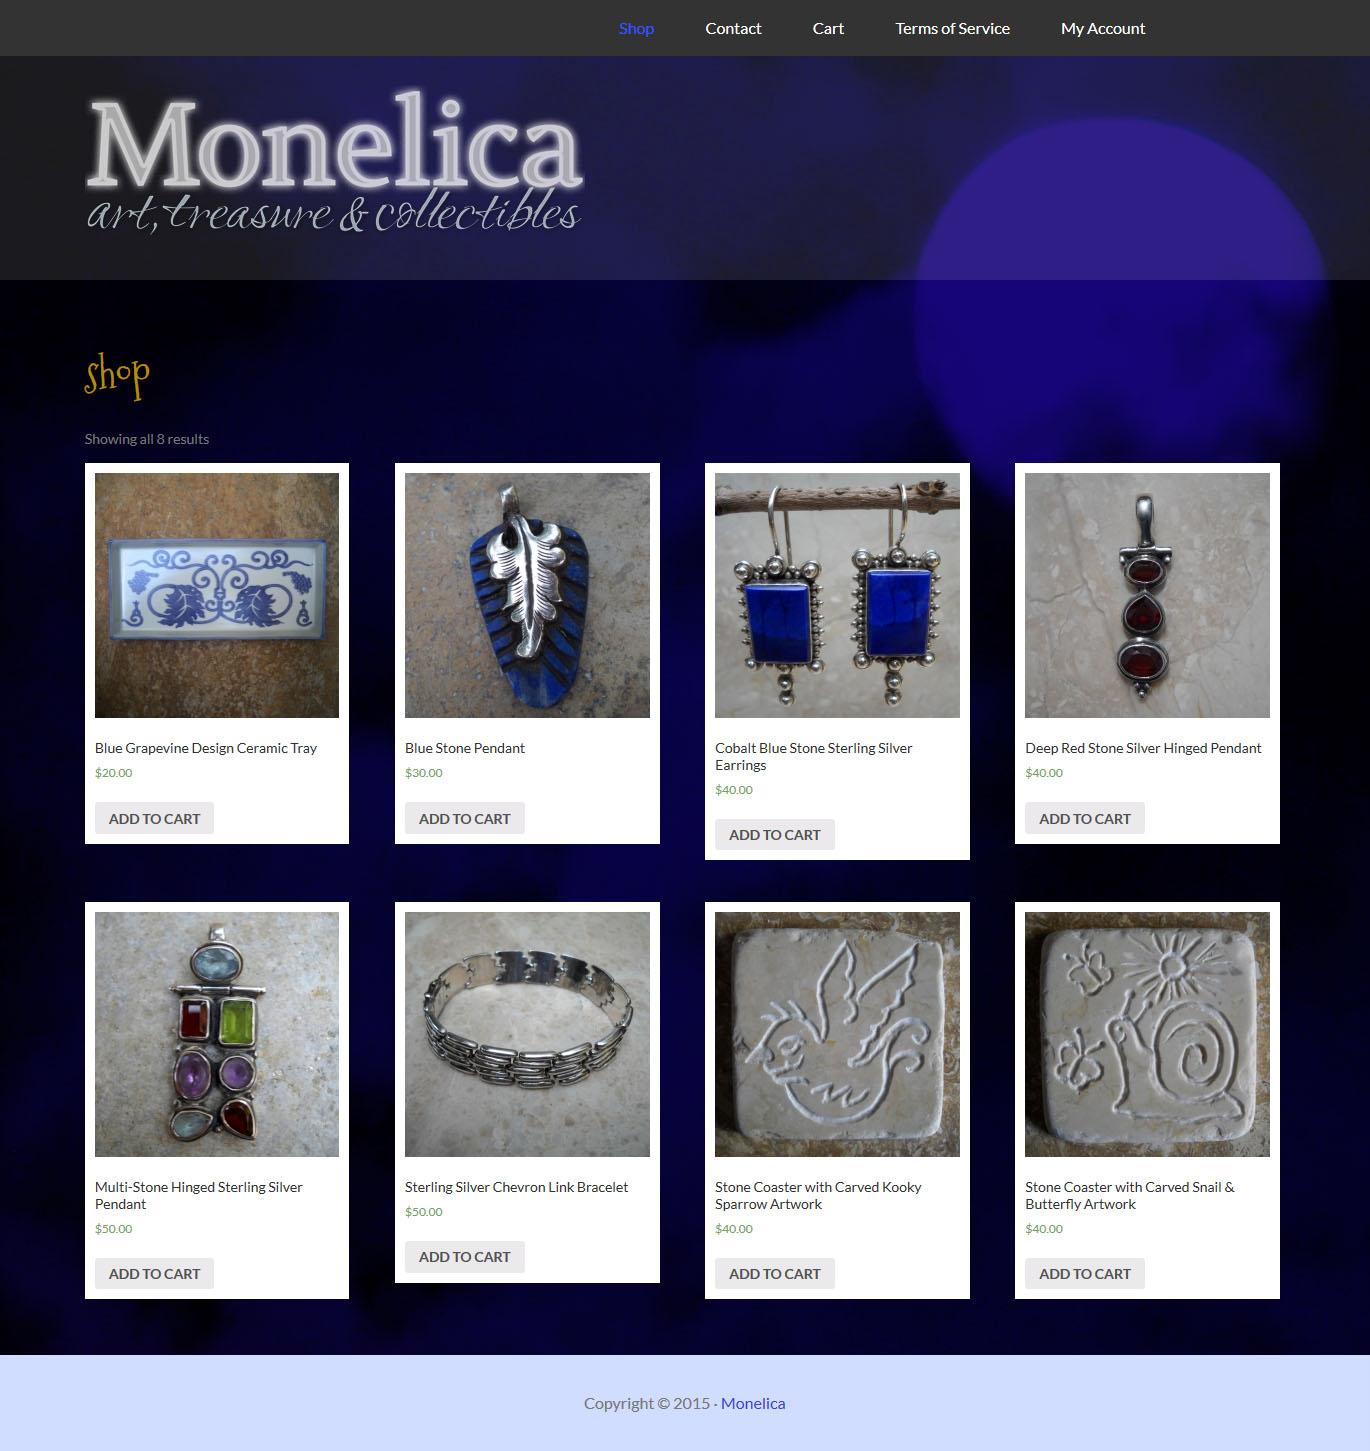 monelica.com WordPress eCommerce website design